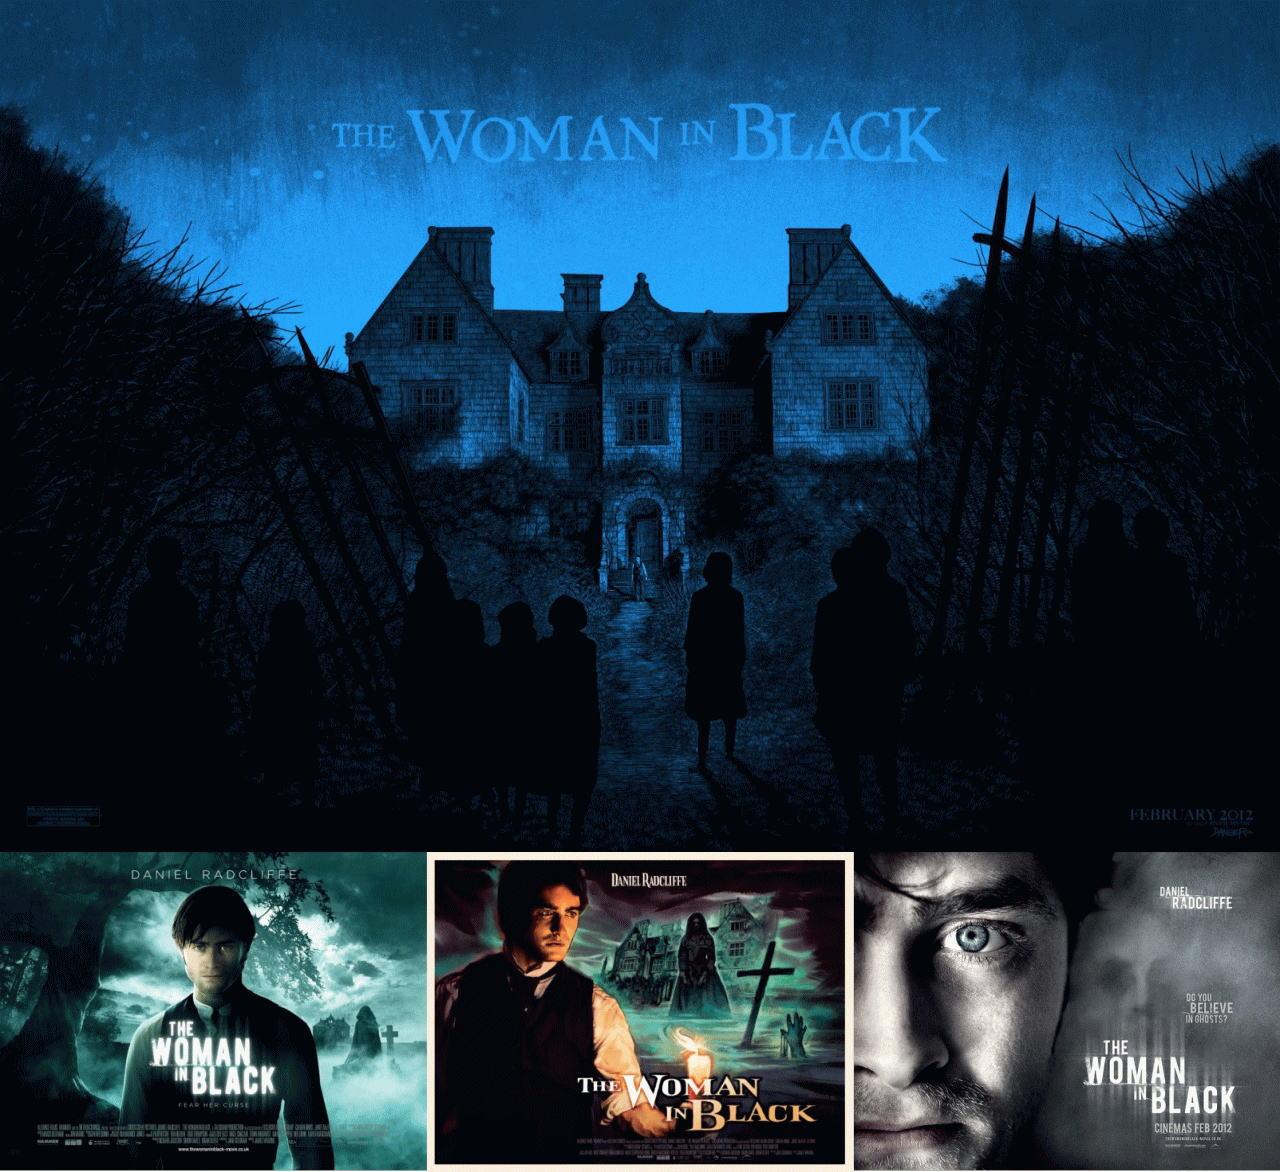 映画『ウーマン・イン・ブラック 亡霊の館 THE WOMAN IN BLACK』ポスター(6)▼ポスター画像クリックで拡大します。